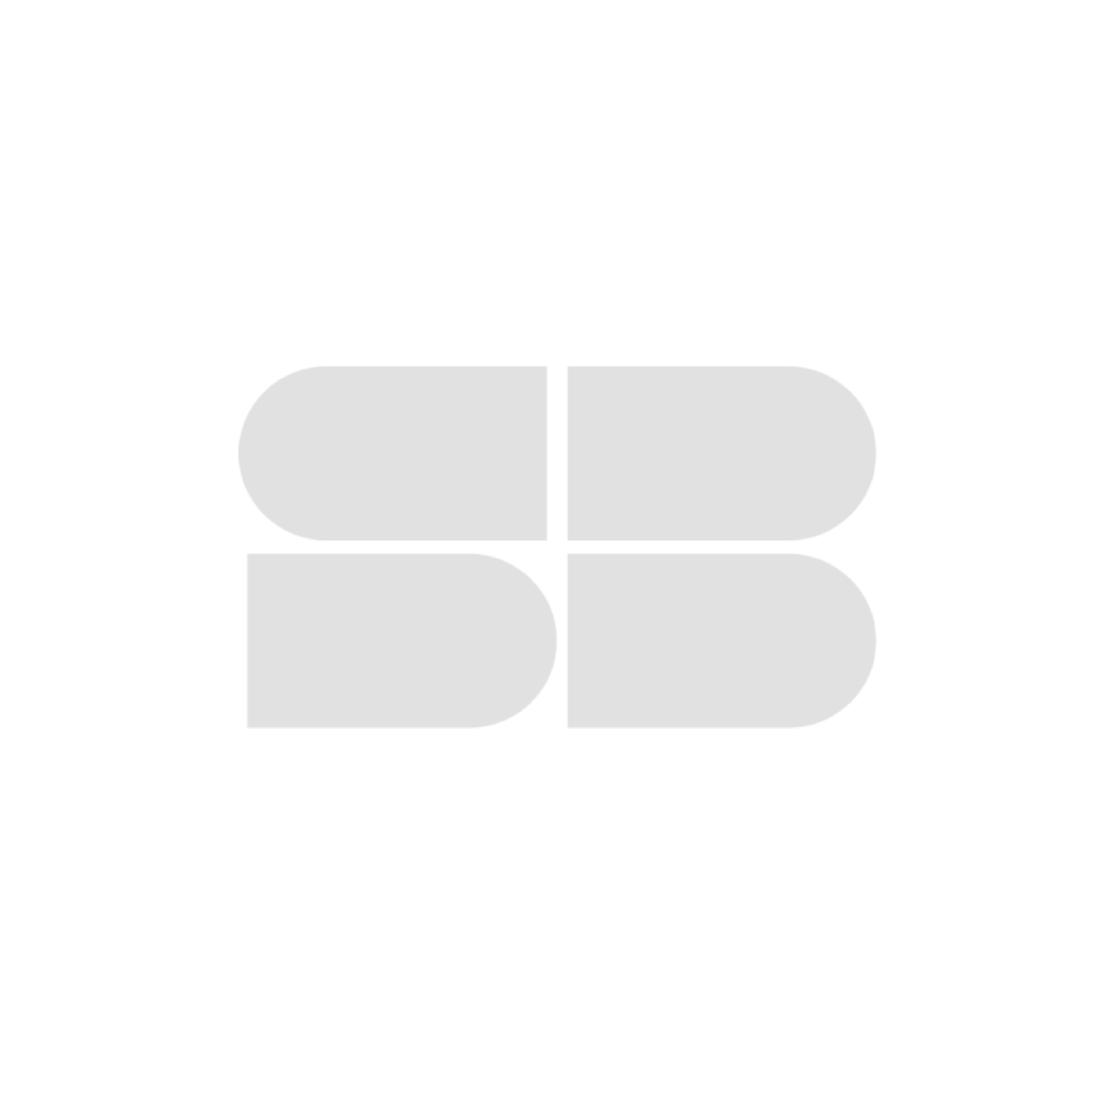 เก้าอี้ทานอาหาร เก้าอี้เหล็กเบาะหนัง รุ่น Yoviala-SB Design Square